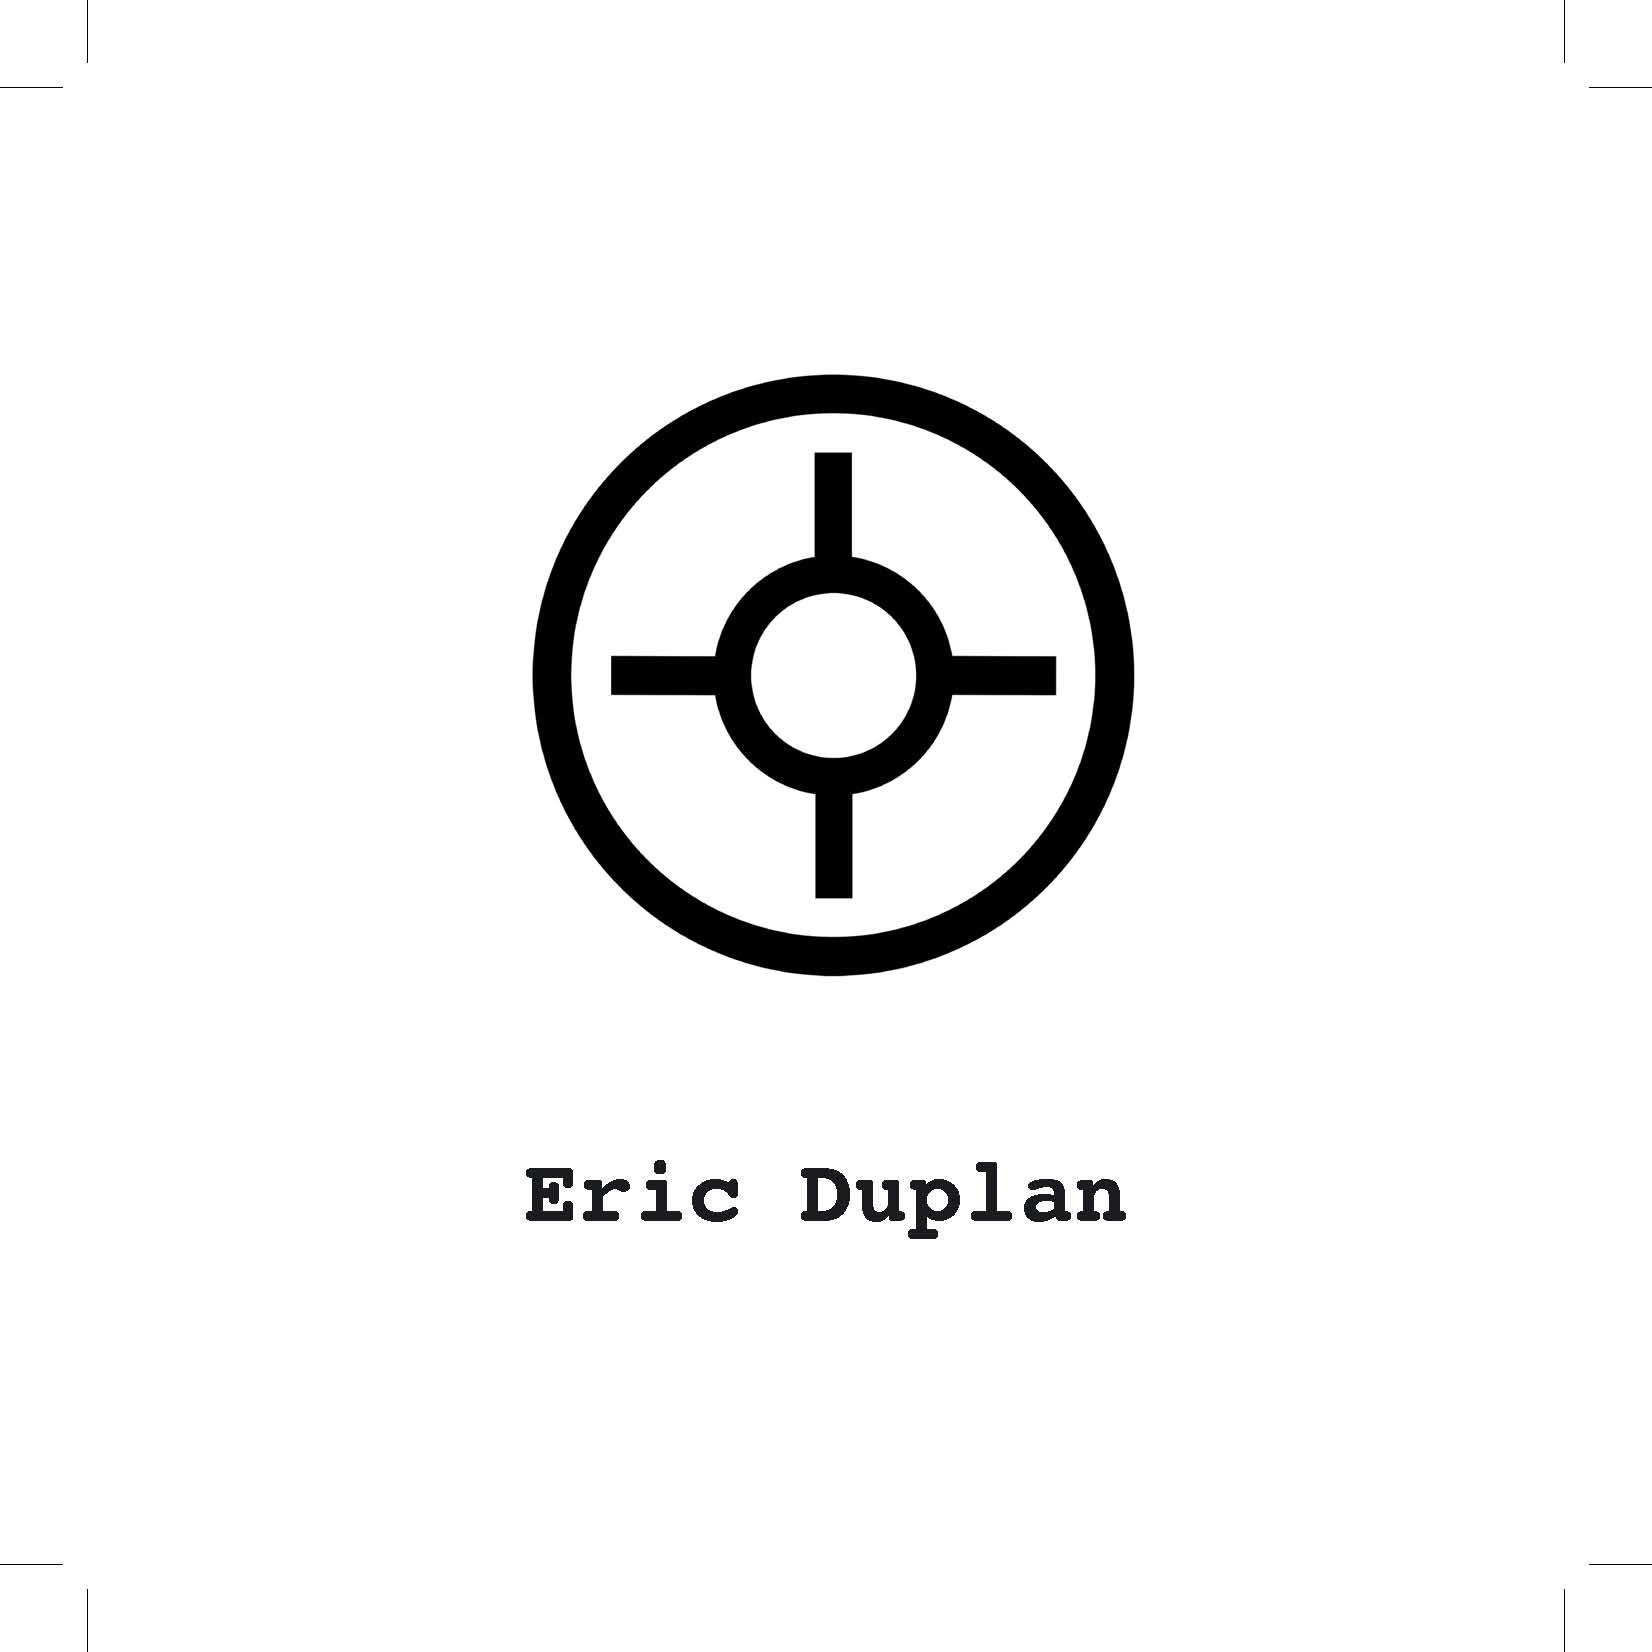 MAP Southafrica - Eric Duplan